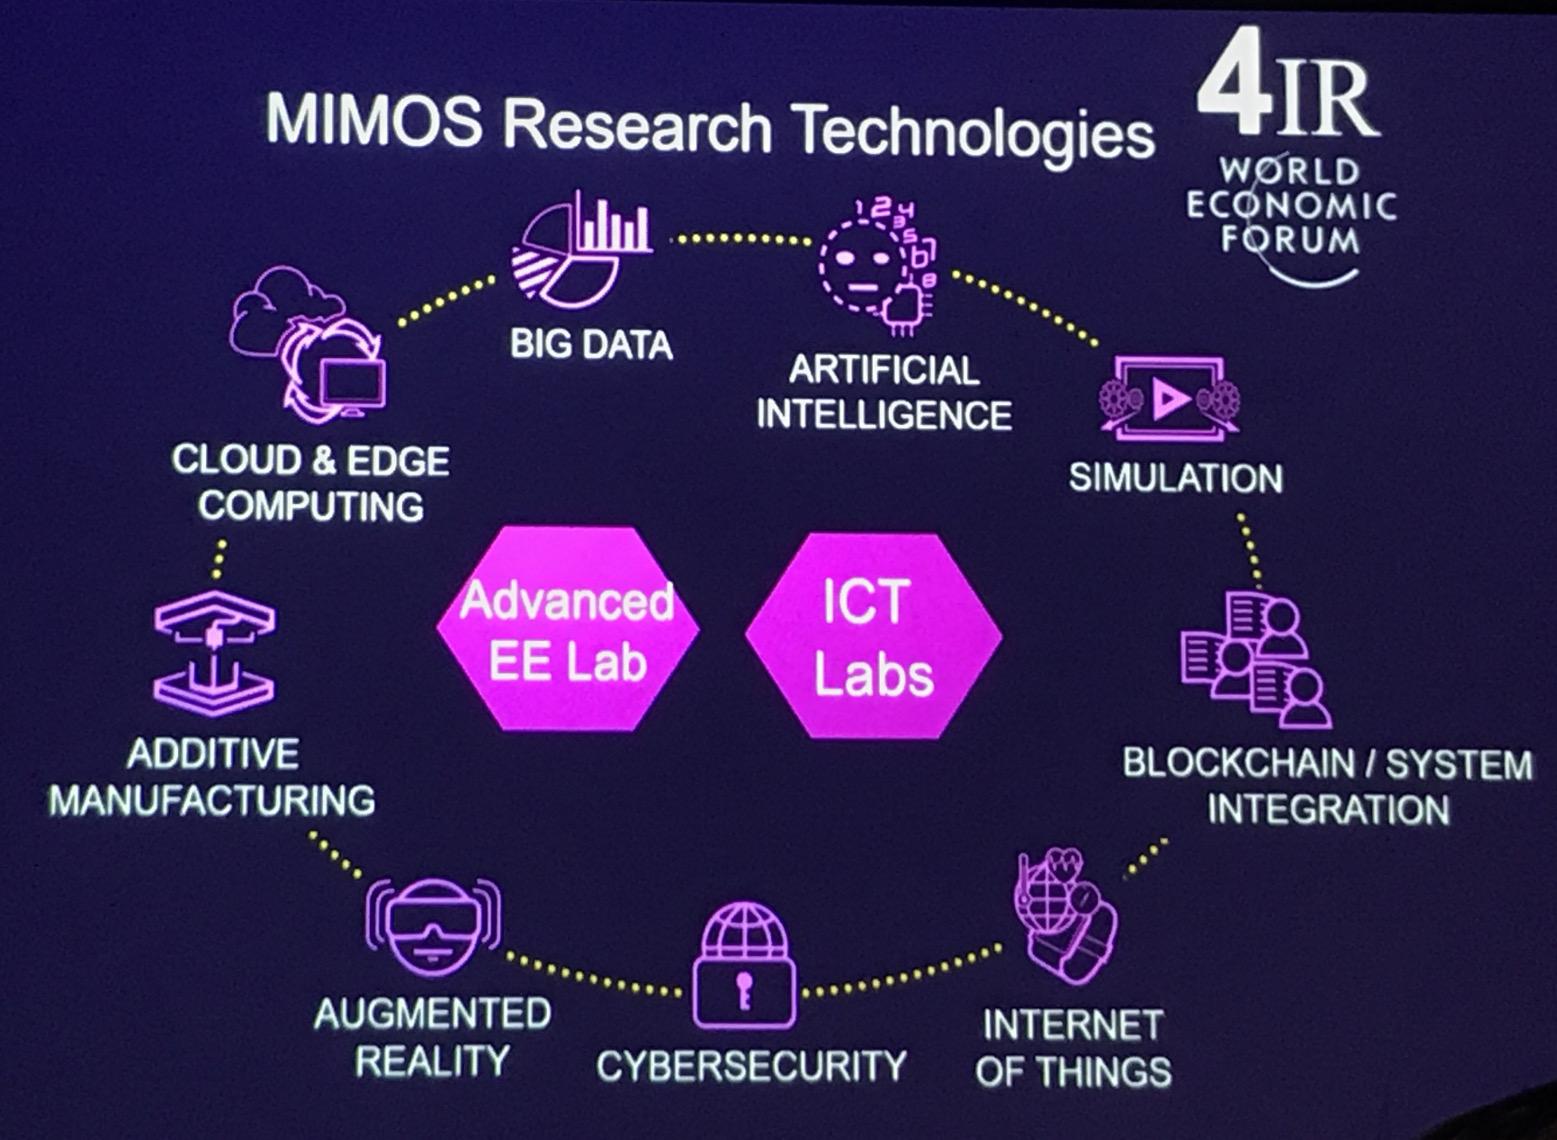 Mimos-Visit 4IR